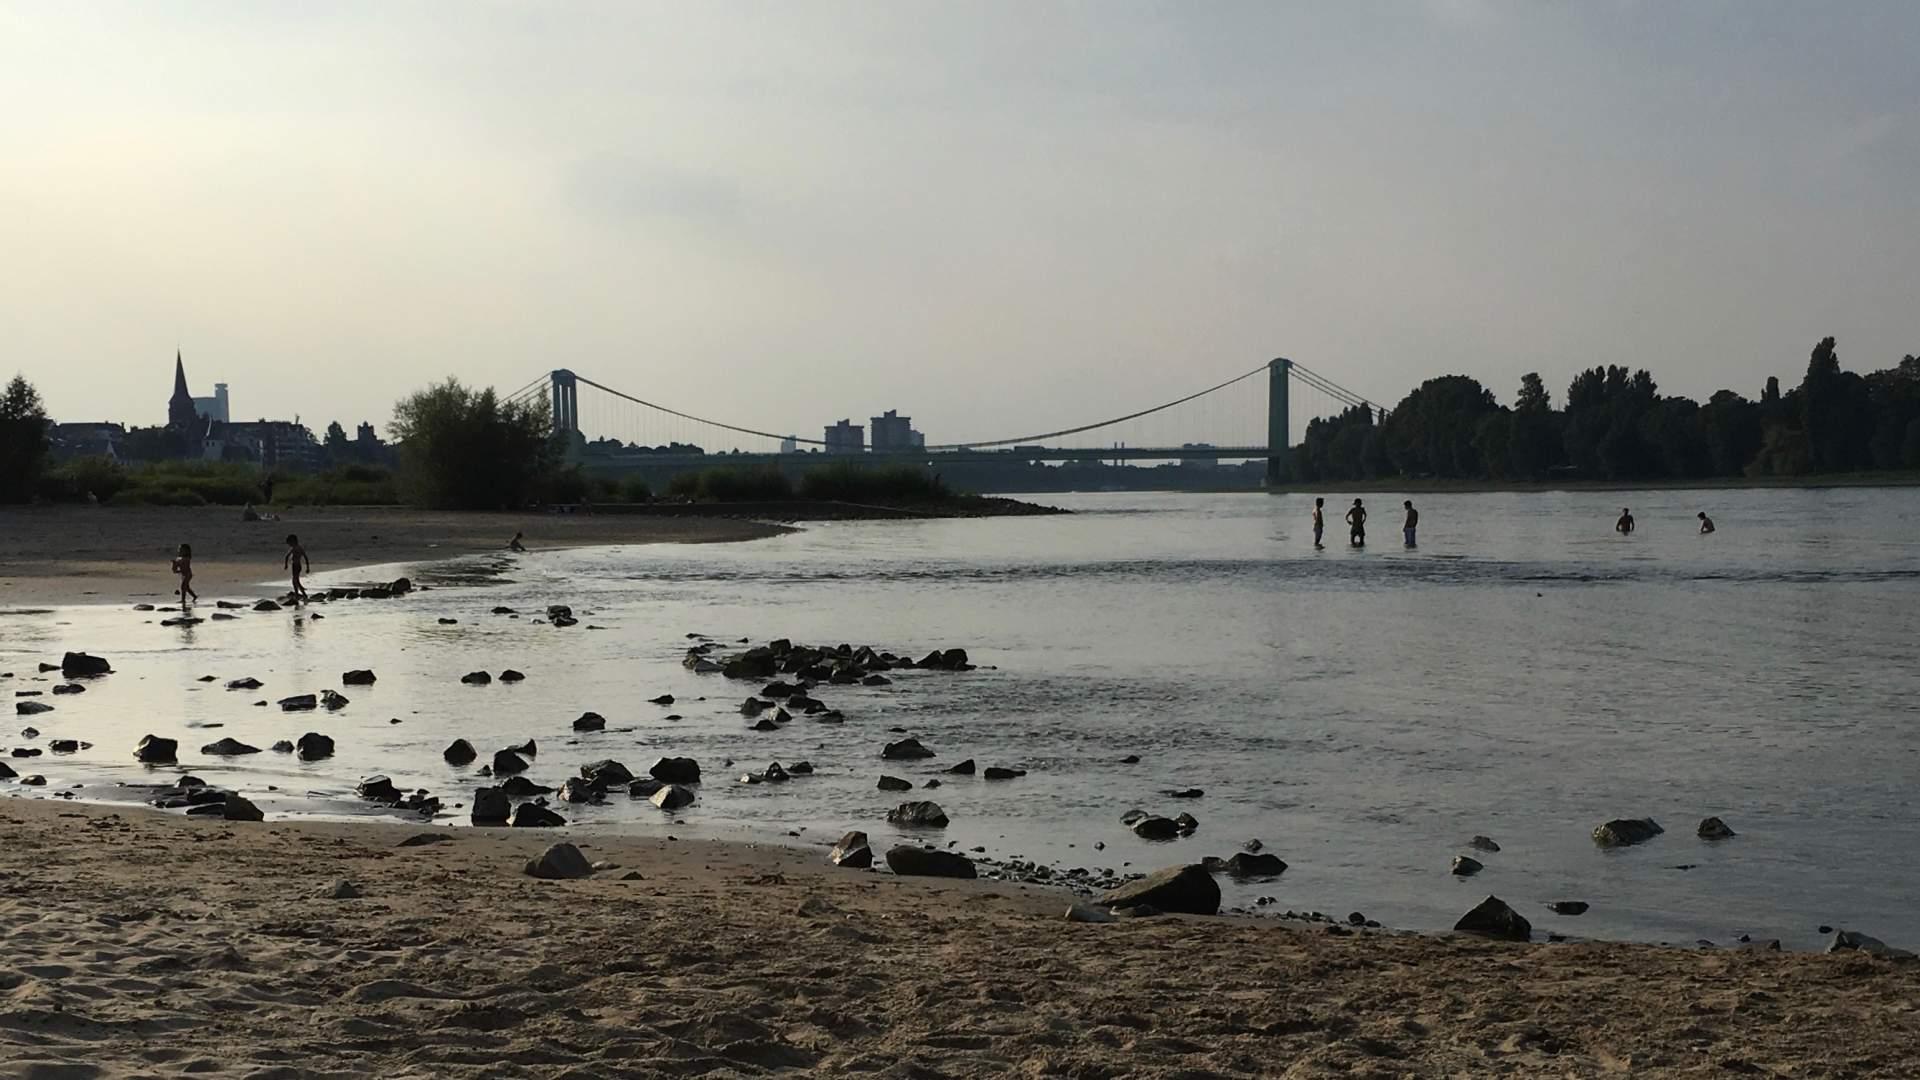 Das Original: Eine Aufnahme vom Kölner Rheinufer.